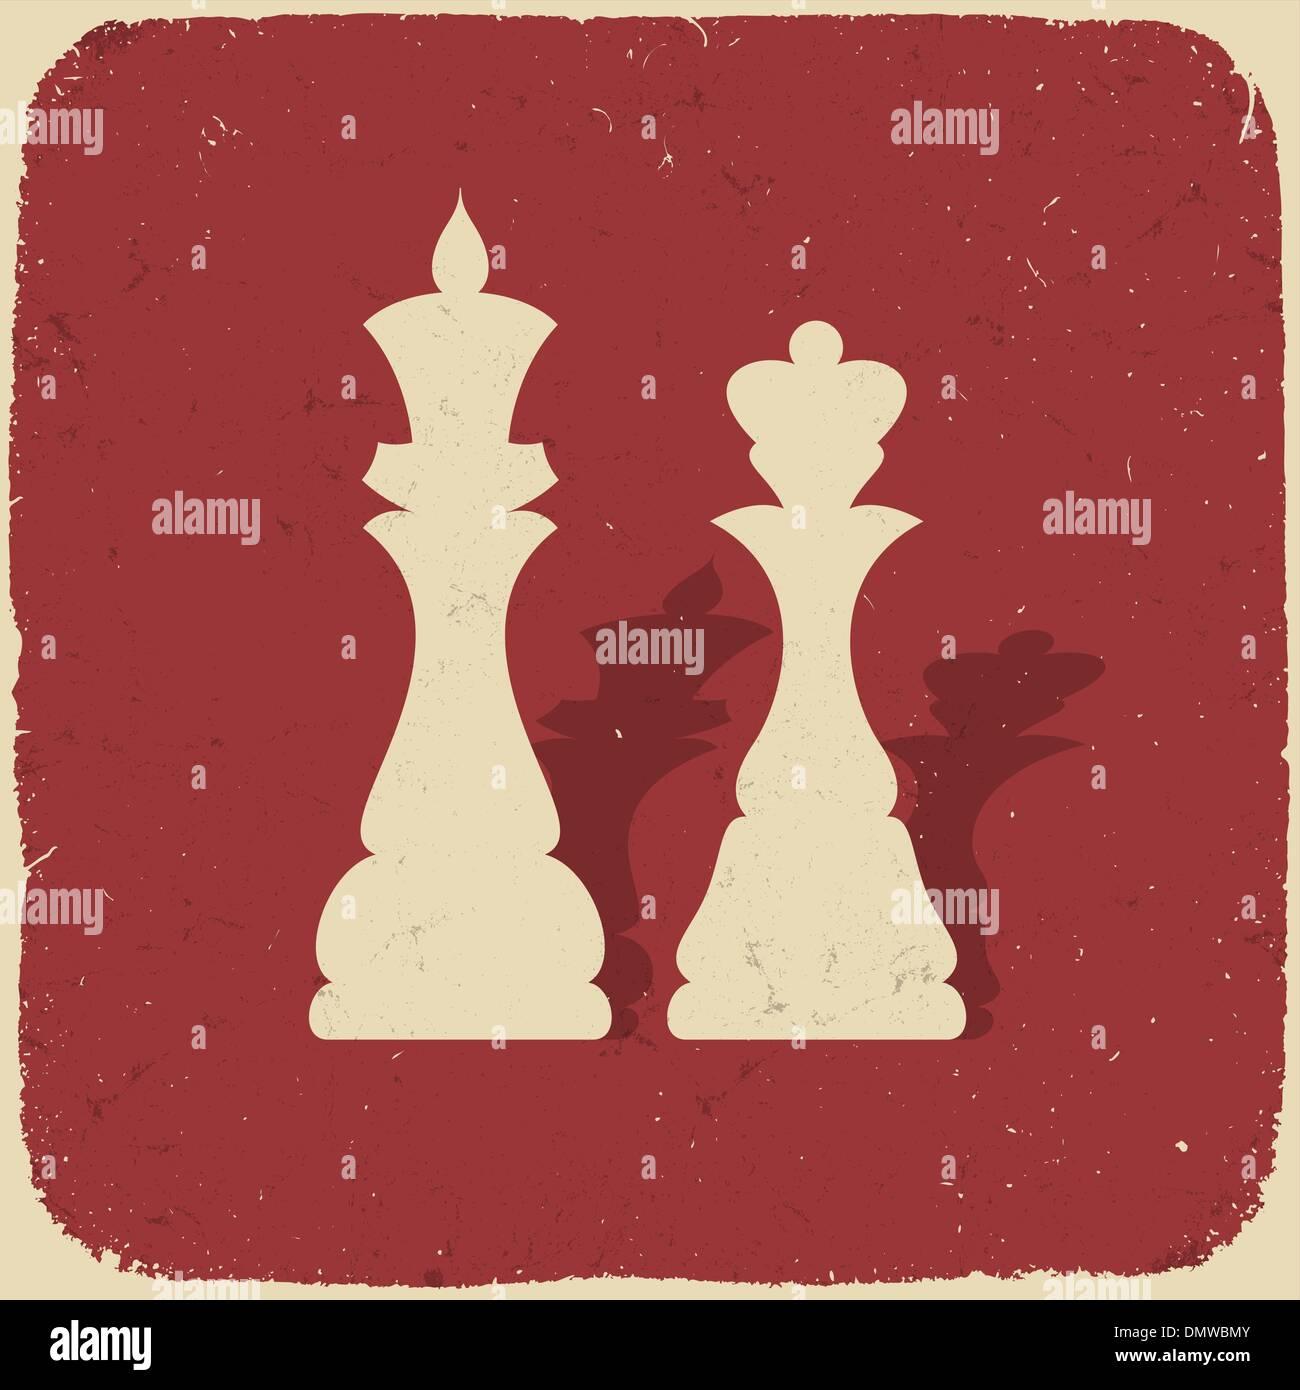 El rey y la reina. Retro de fondo de ajedrez, ilustración vectorial EPS Imagen De Stock